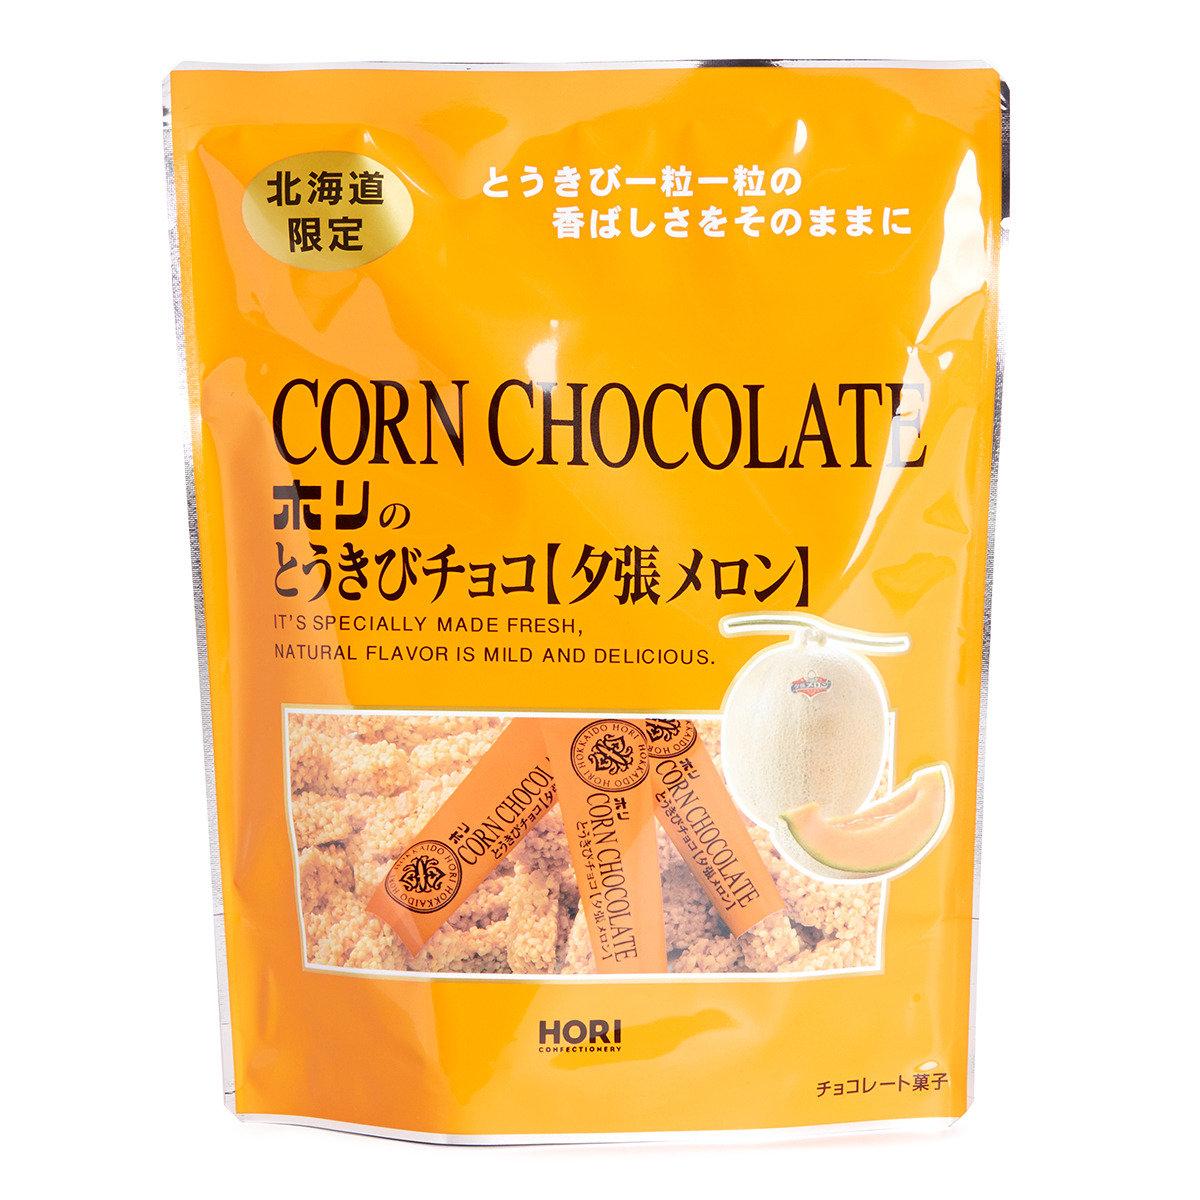 北海道特產蜜瓜味粟米朱古力袋裝